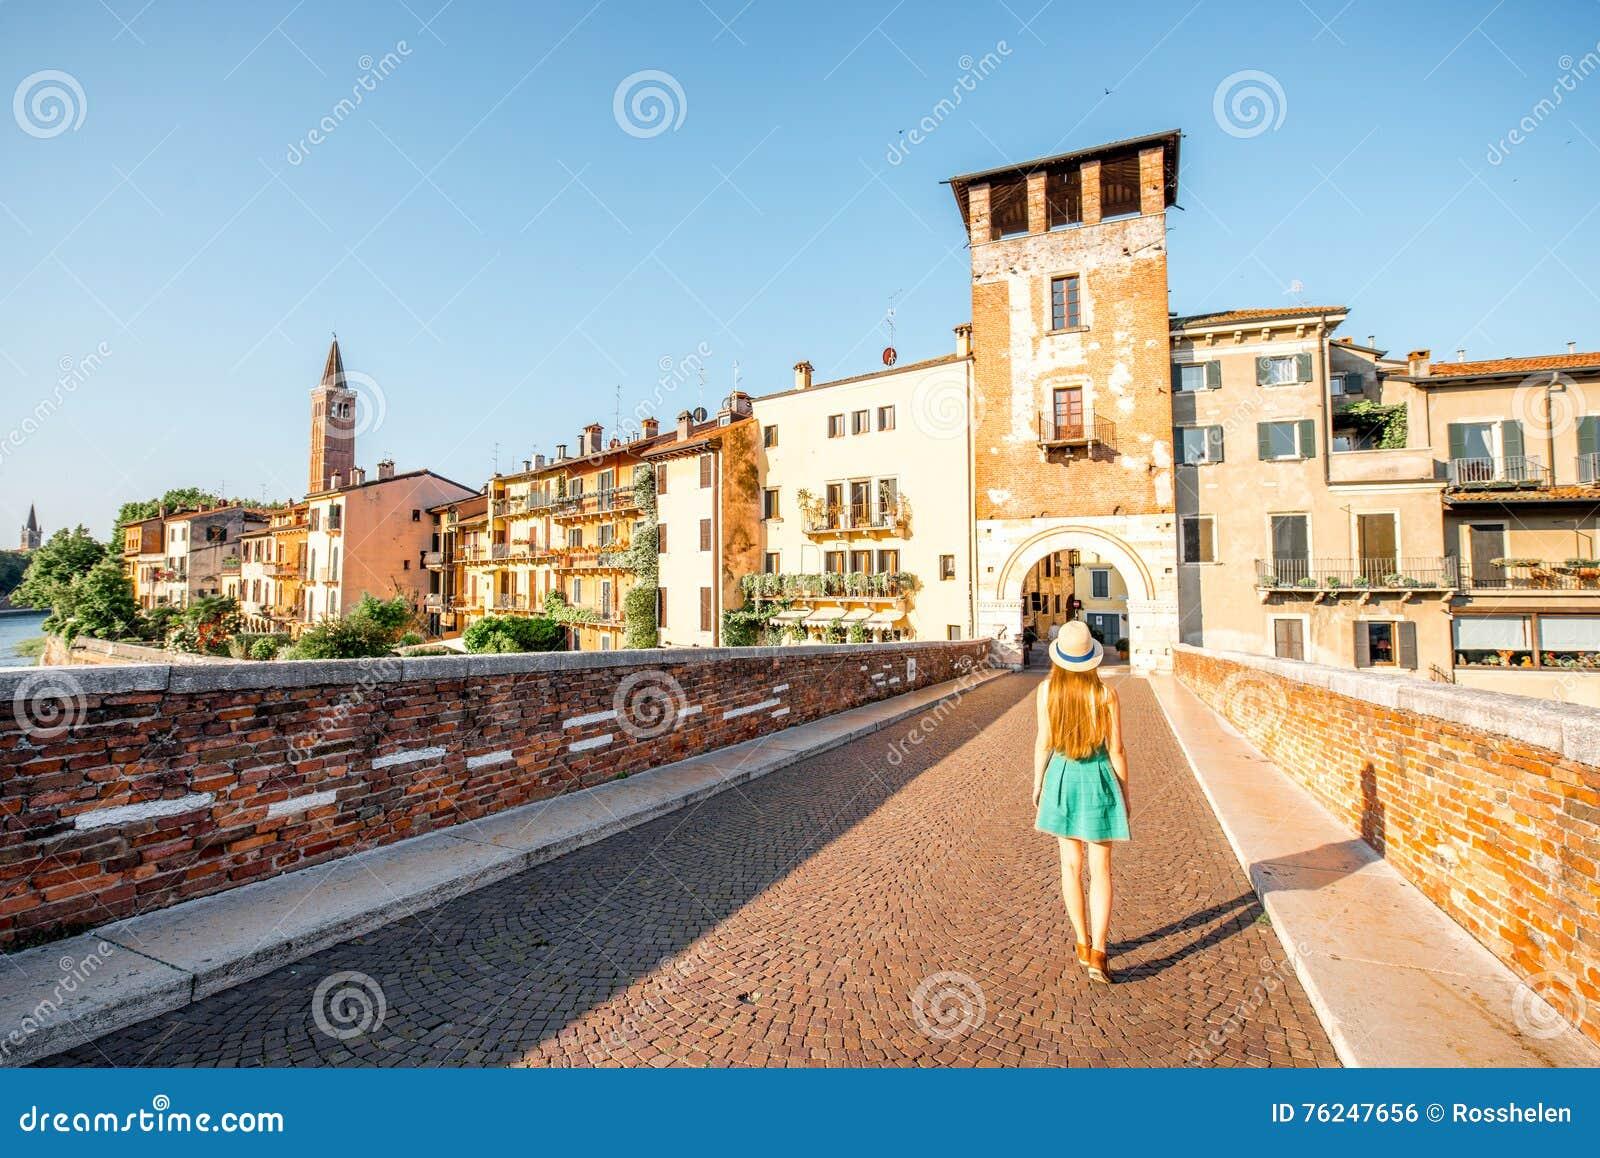 Opinión del paisaje urbano de Verona